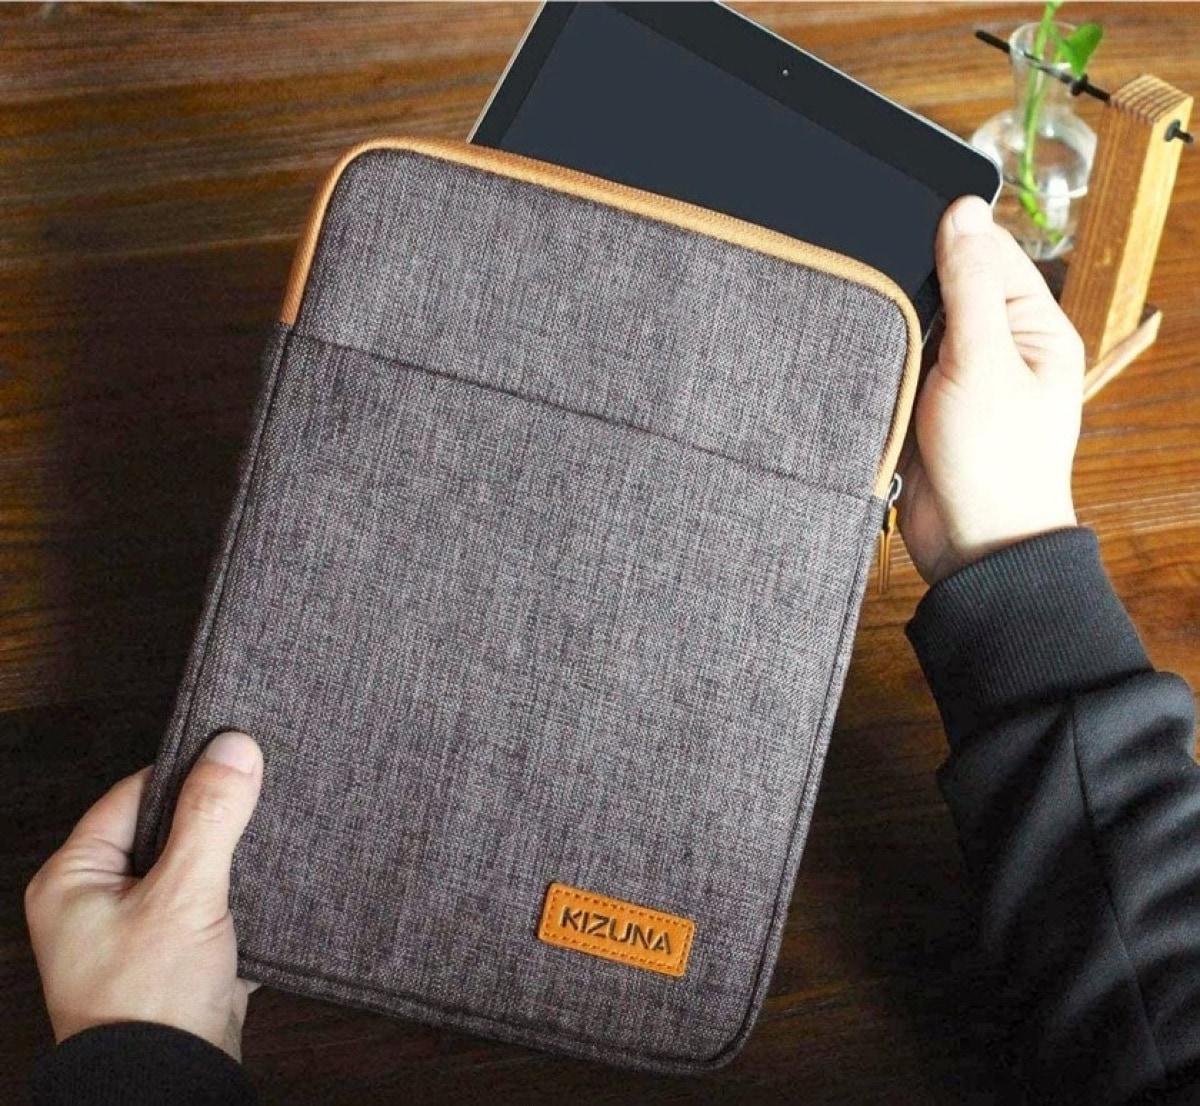 Waterproof sleeve - fits Kindle Paperwhite 6.8 2021